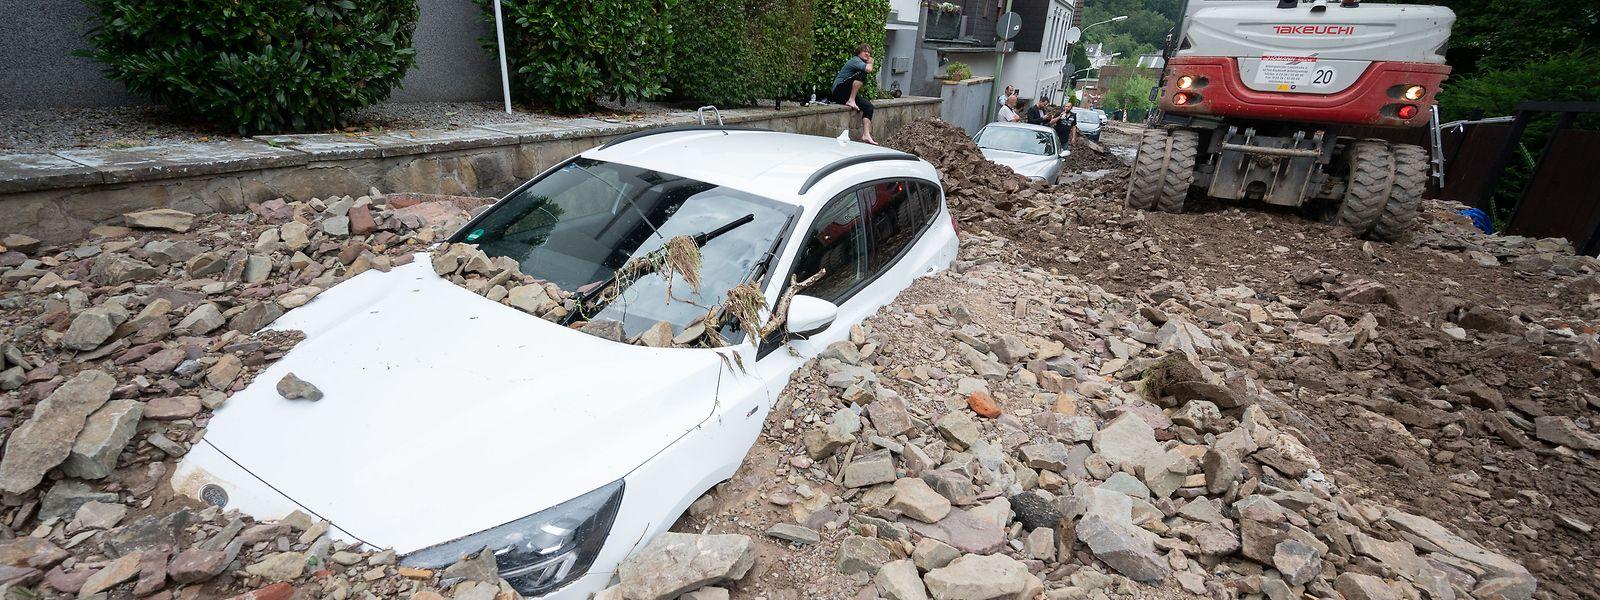 Sous les décombres, la Rhénanie-du-Nord craint de retrouver de nouvelles victimes dans les prochaines heures.